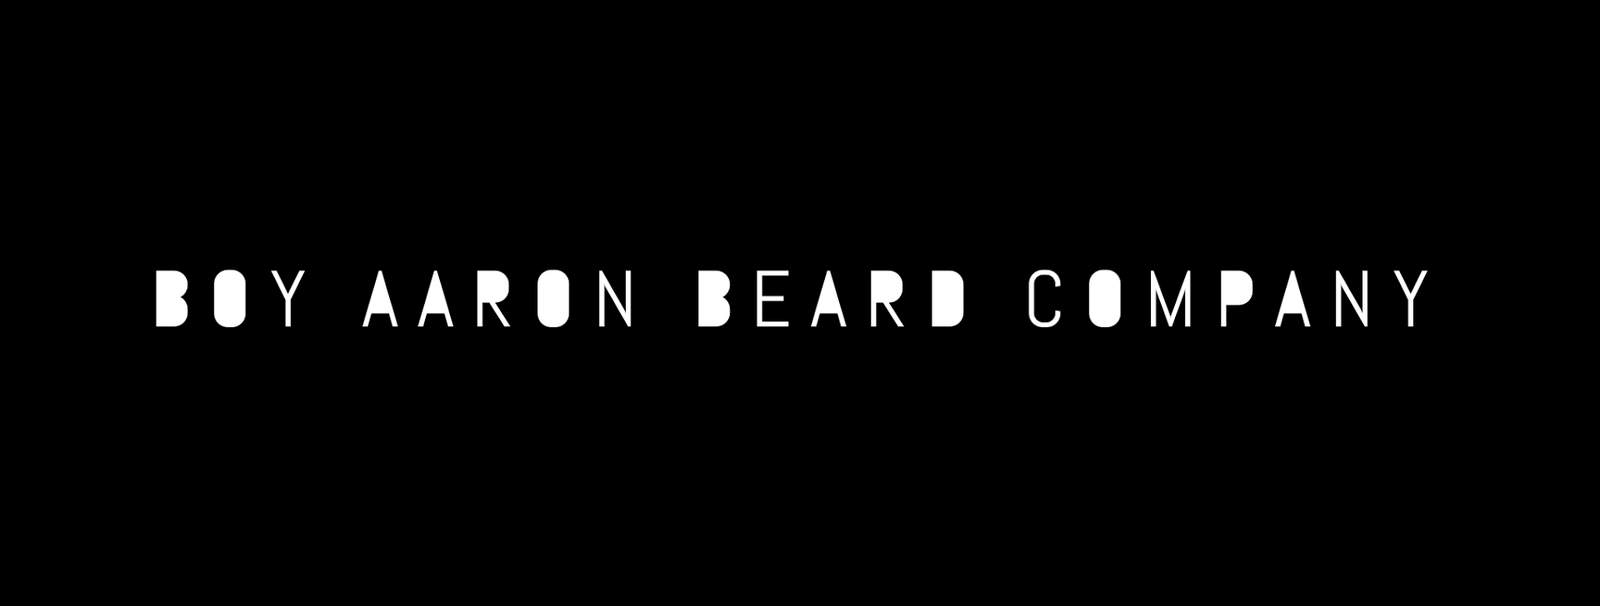 Boy Aaron Beard Company 37